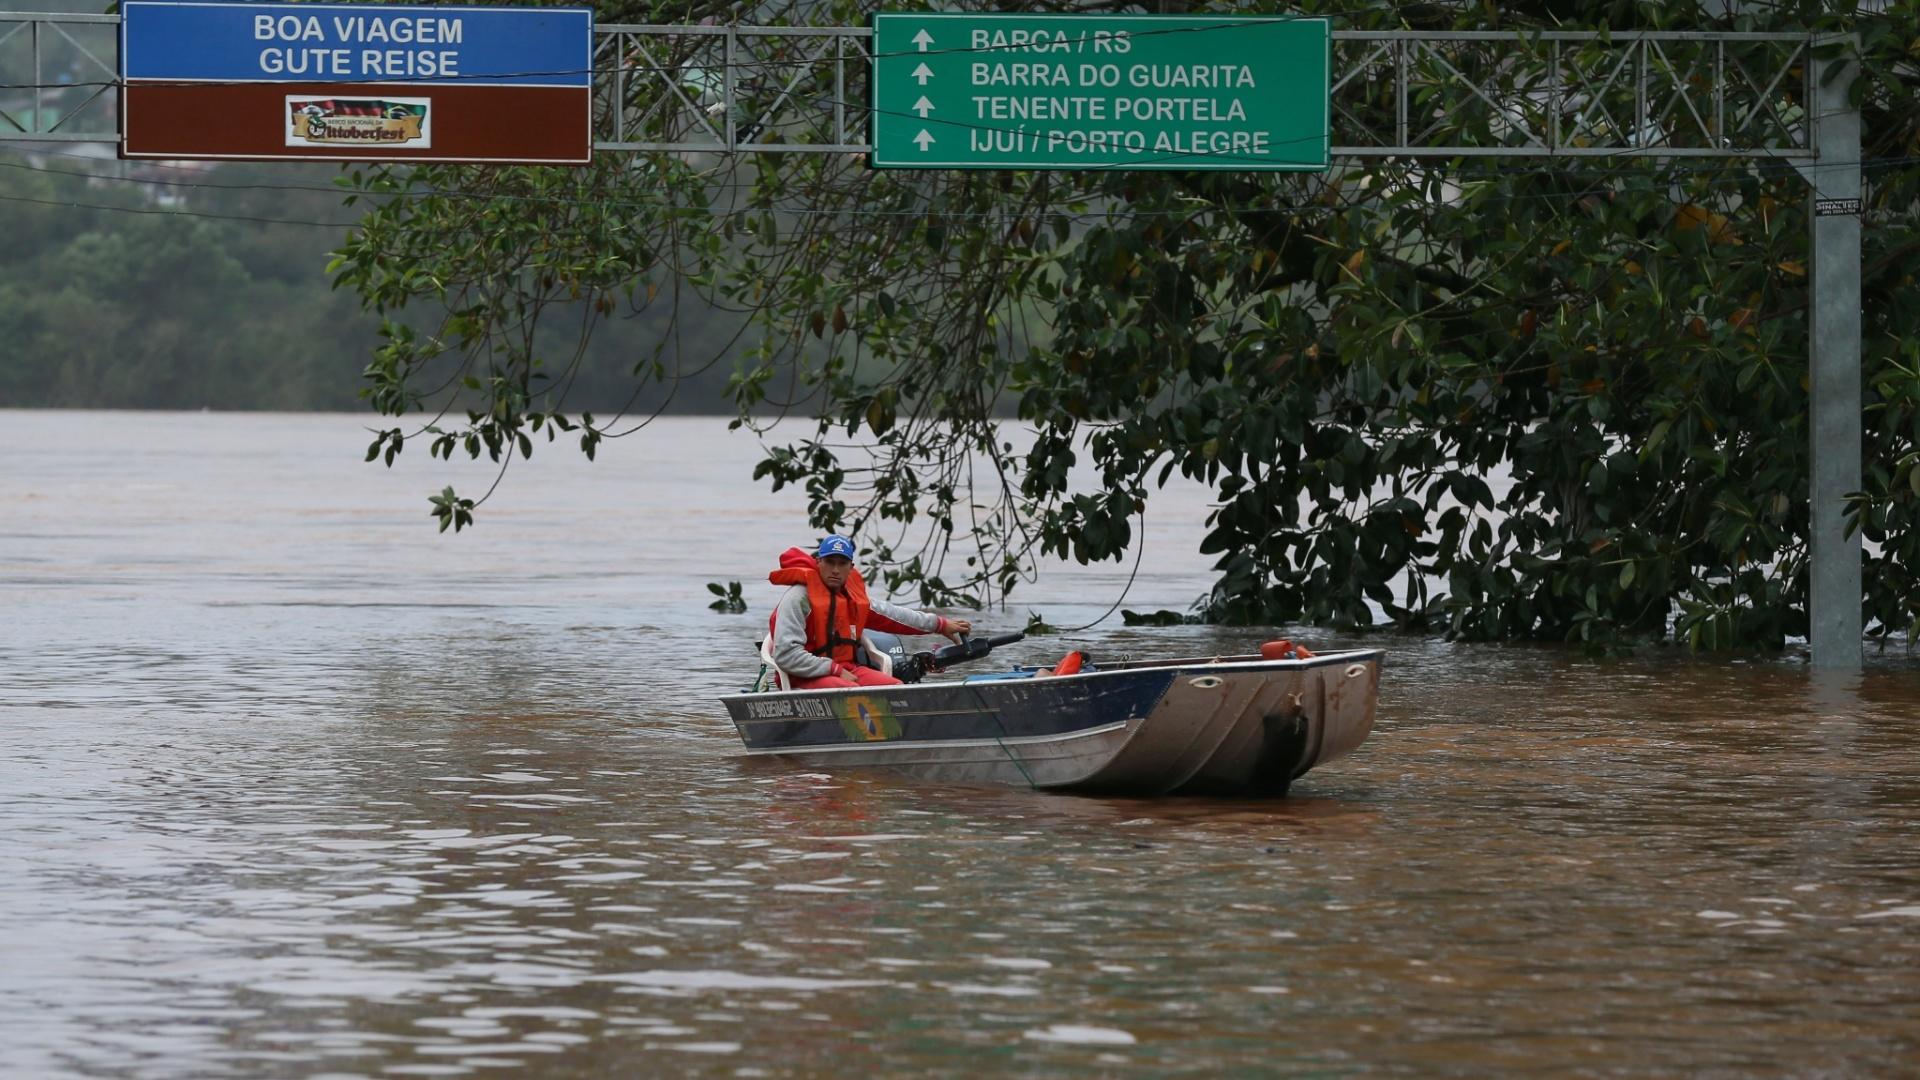 29.jun.2014 - Desde a última quarta-feira (25), as chuvas causaram enchente, enxurradas ou inundação em 37 municípios de Santa Catarina. Segundo a Defesa Civil, o número de desalojados e desabrigados é de cerca de 40 mil pessoas. Os números tendem a subir conforme os municípios encaminham os dados para o órgão estadual. Dos municípios atingidos, 14 decretaram estado oficial de emergência: Joaçaba, Palmitos, Itapiranda, Videira, Herval do Oeste, Capinzal, Presidente Castelo Branco, Lageado Grande, Piratuba, Planalto Alegre, Irá, Irani, Rio do Sul e Cordilheira Alta